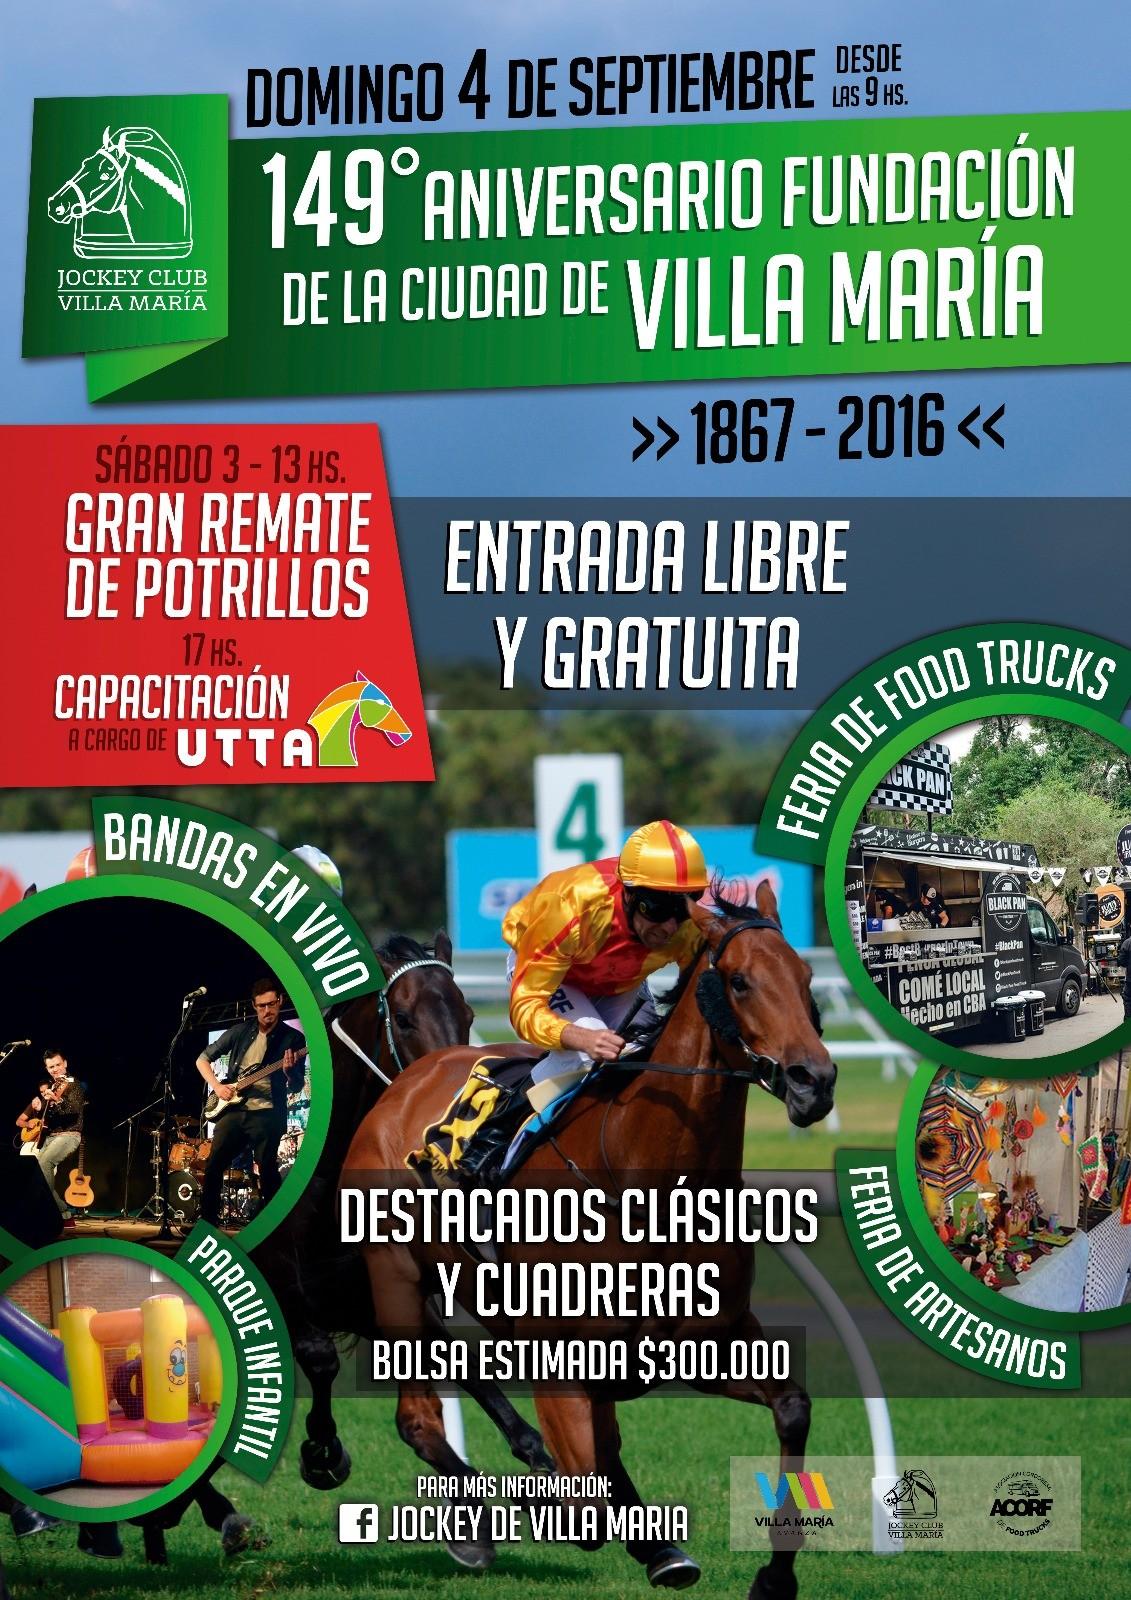 VILLA MARIA (CBA) 04 de Set - La Fiesta Aniversario IMG-20160810-WA0002